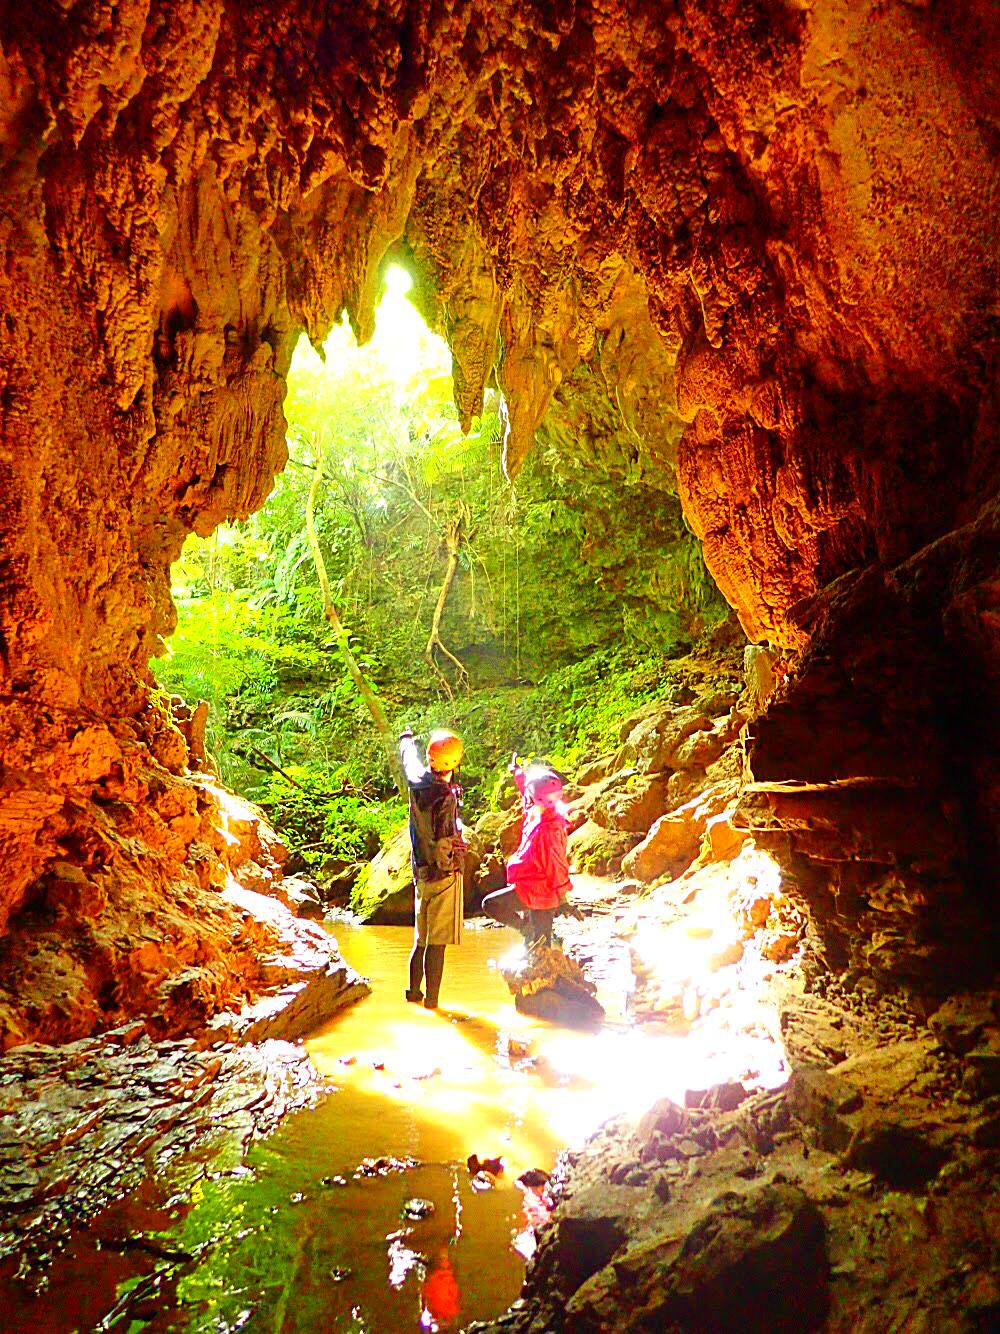 - [ ] 西表・石垣島旅行で西表おすすめカヌーツアー人気のケンガイドがおすすめする秘境パワースポット巡り・女子旅行・学生旅行おすすめ西表アクティビティツアー・カヌーでマングローブ&ジャングル探検トレッキング滝巡り!本物の冒険と感動体験を!